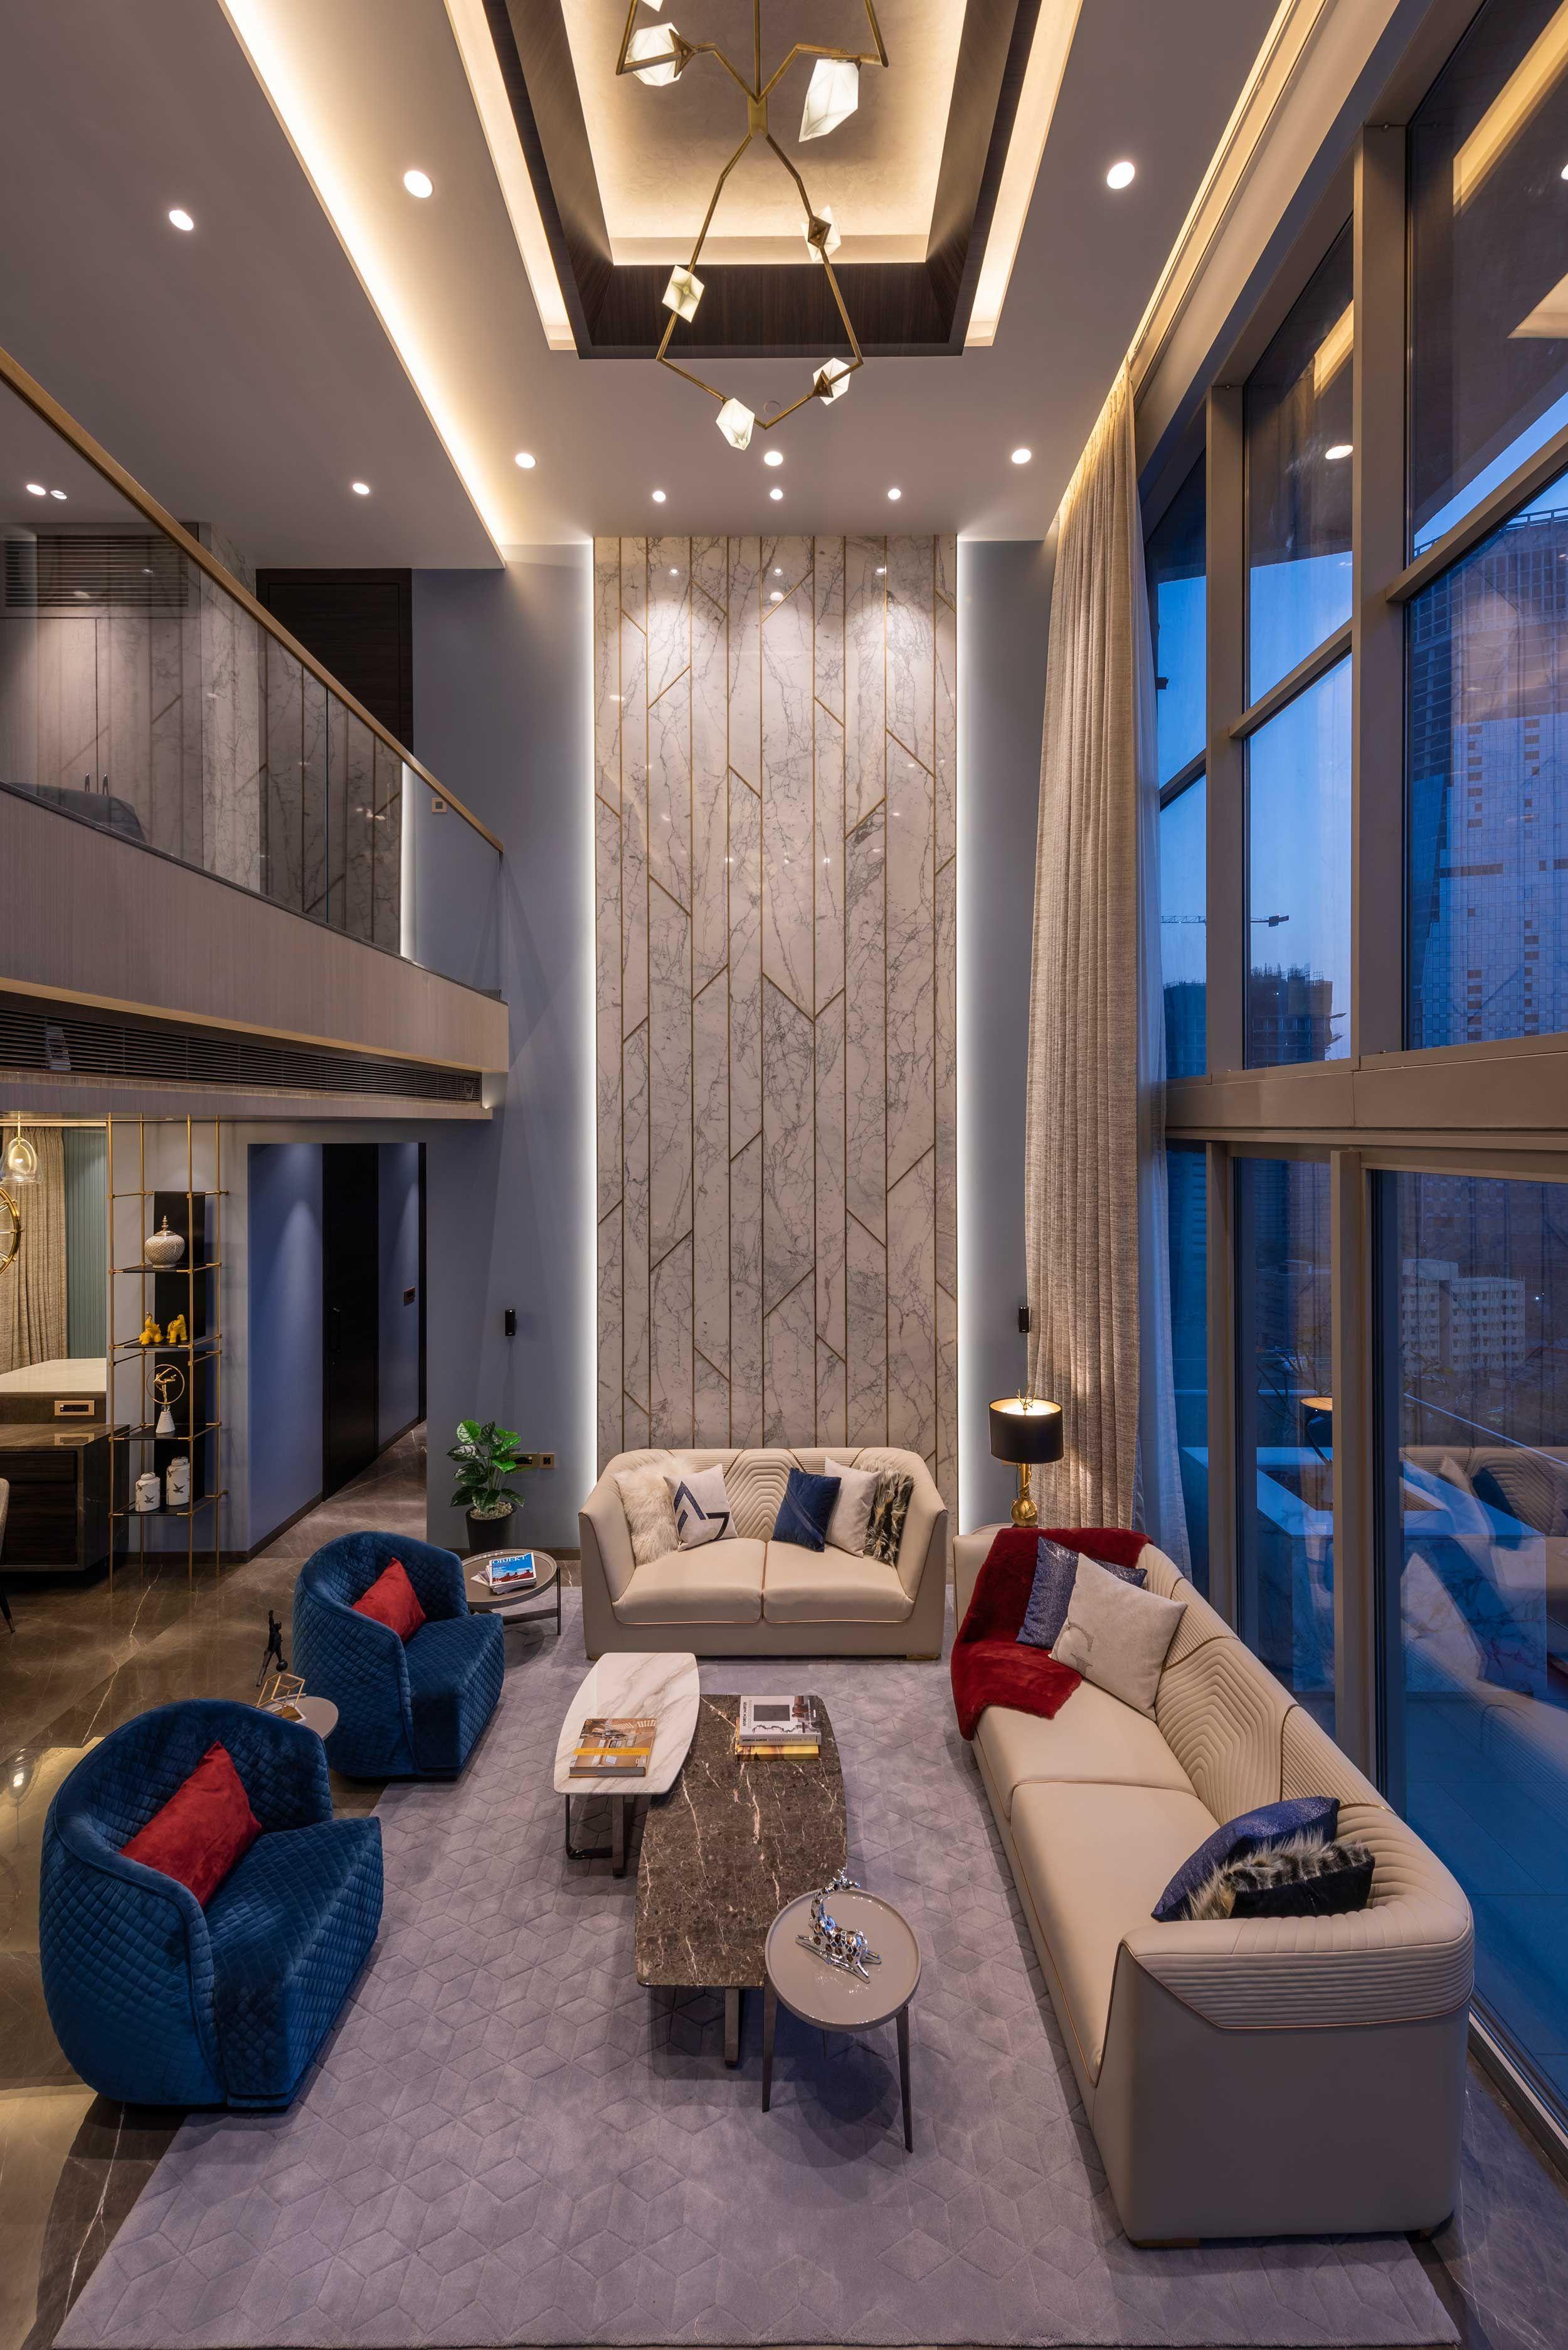 Mumbai Duplex Apartment Ga Design 05 Big Living Room Design Big Living Rooms Double Height Living Room